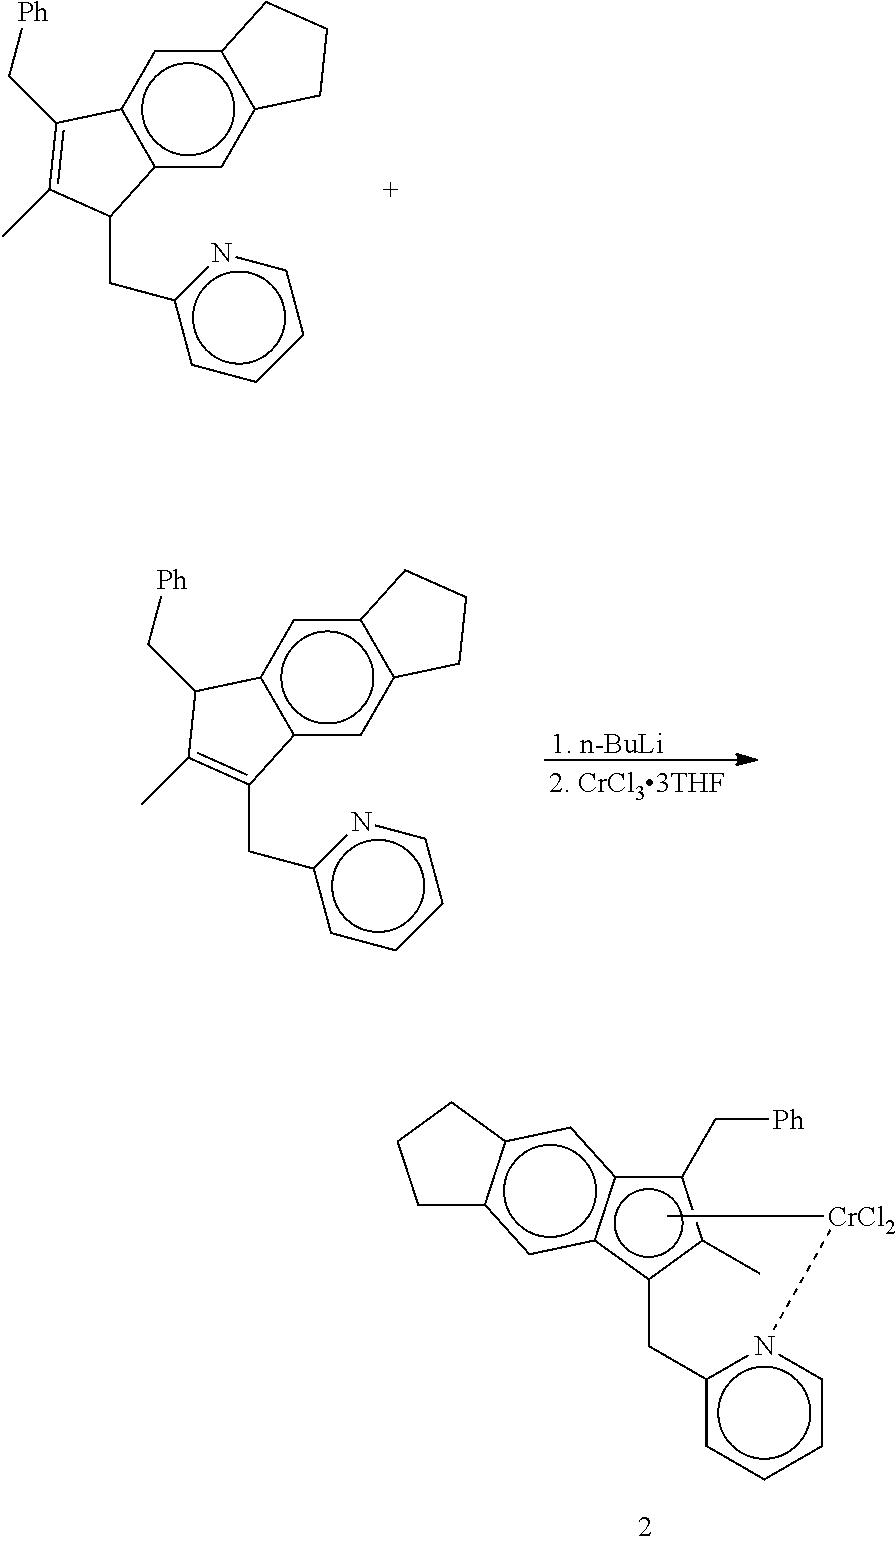 Figure US20110213107A1-20110901-C00011